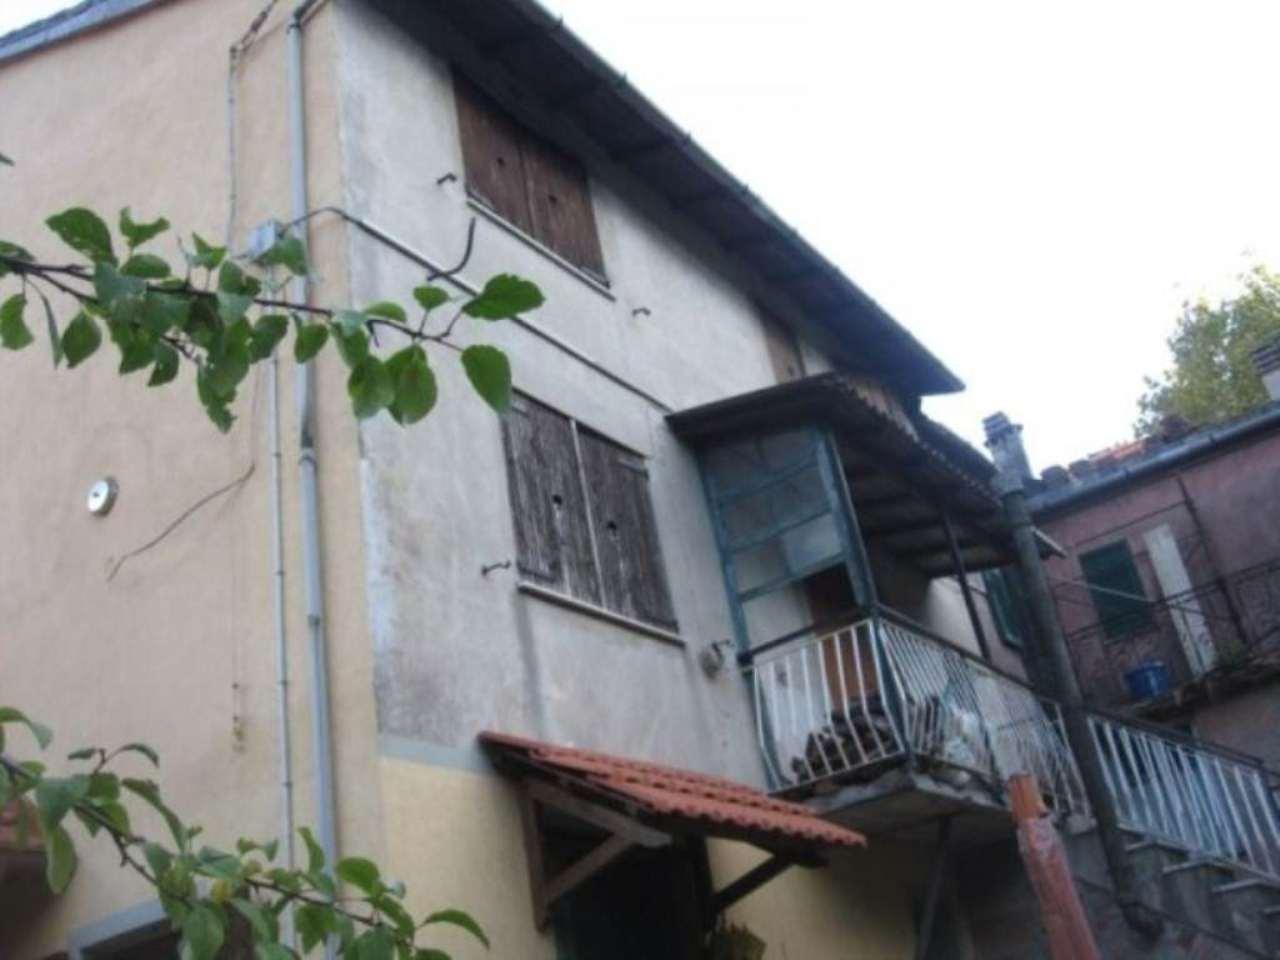 Villa in vendita a Serra Riccò, 3 locali, prezzo € 65.000 | Cambio Casa.it